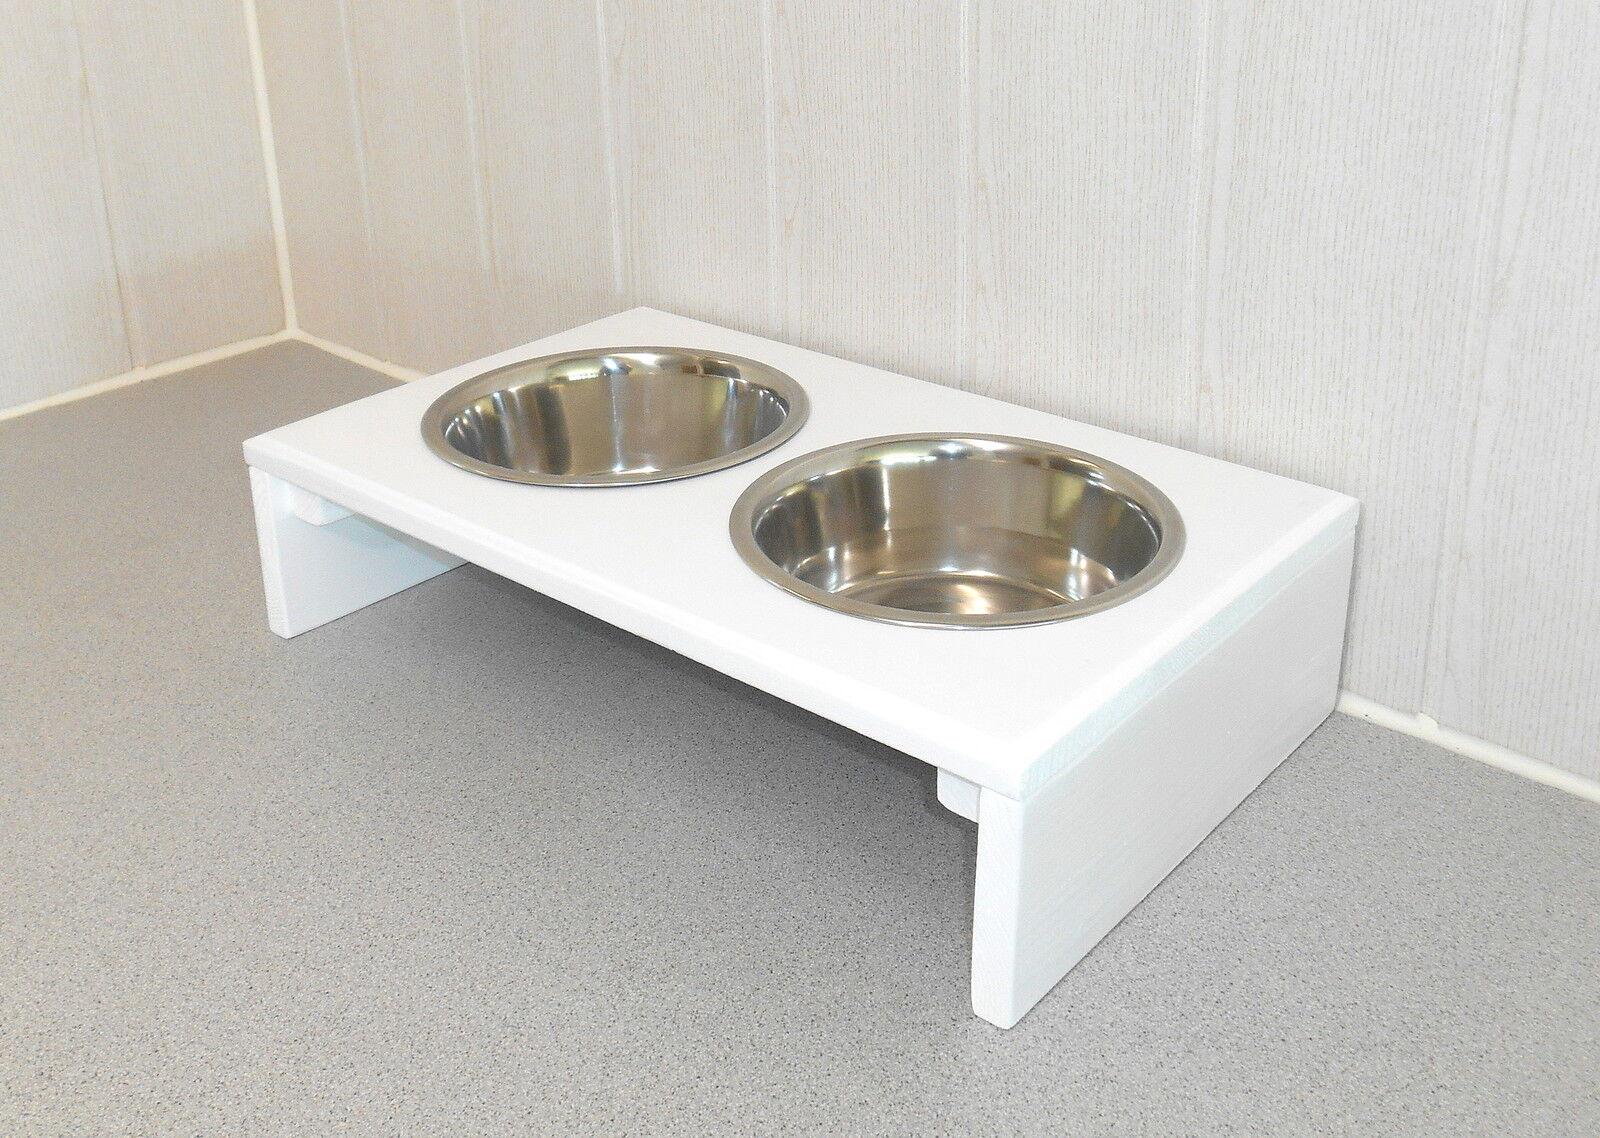 Hundenapf   Hundebar   Futternapf   Napf, Napfbar, weiß. gr. Näpfe  10cm (14e)  | Elegant und feierlich